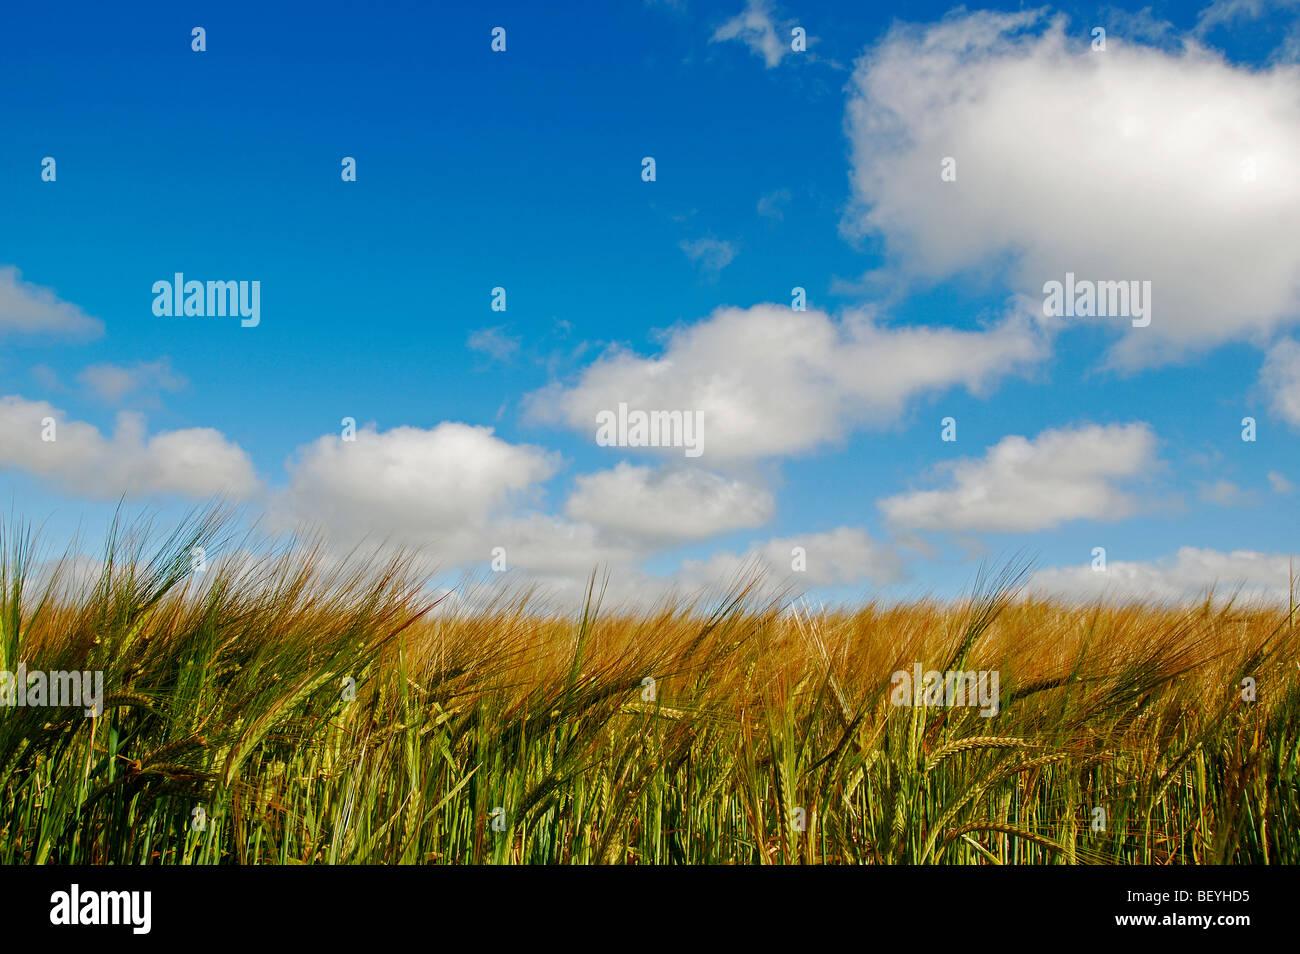 Un champ de blé dans le Cheshire, Angleterre, Royaume-Uni Photo Stock